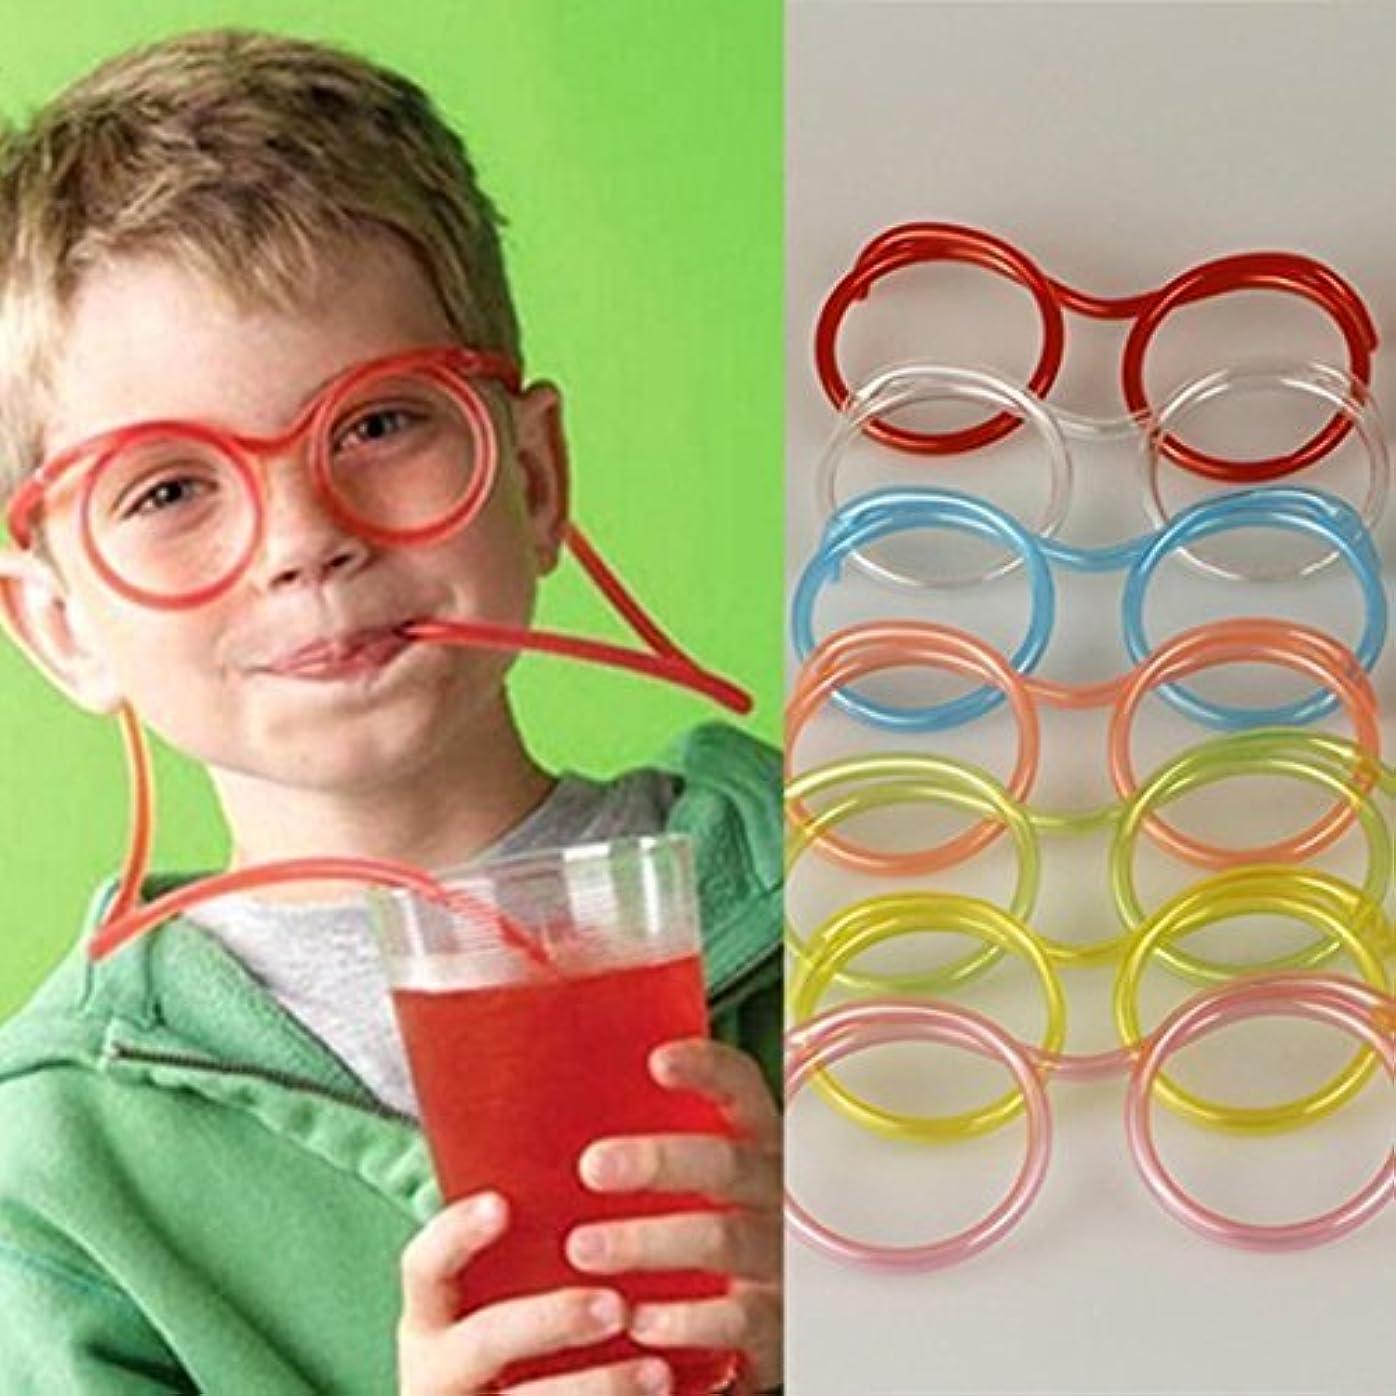 肉シーボードインストール子供の狂った管の柔軟なギフトパーティーストロー楽しい目新しさを飲んでガラスの供給